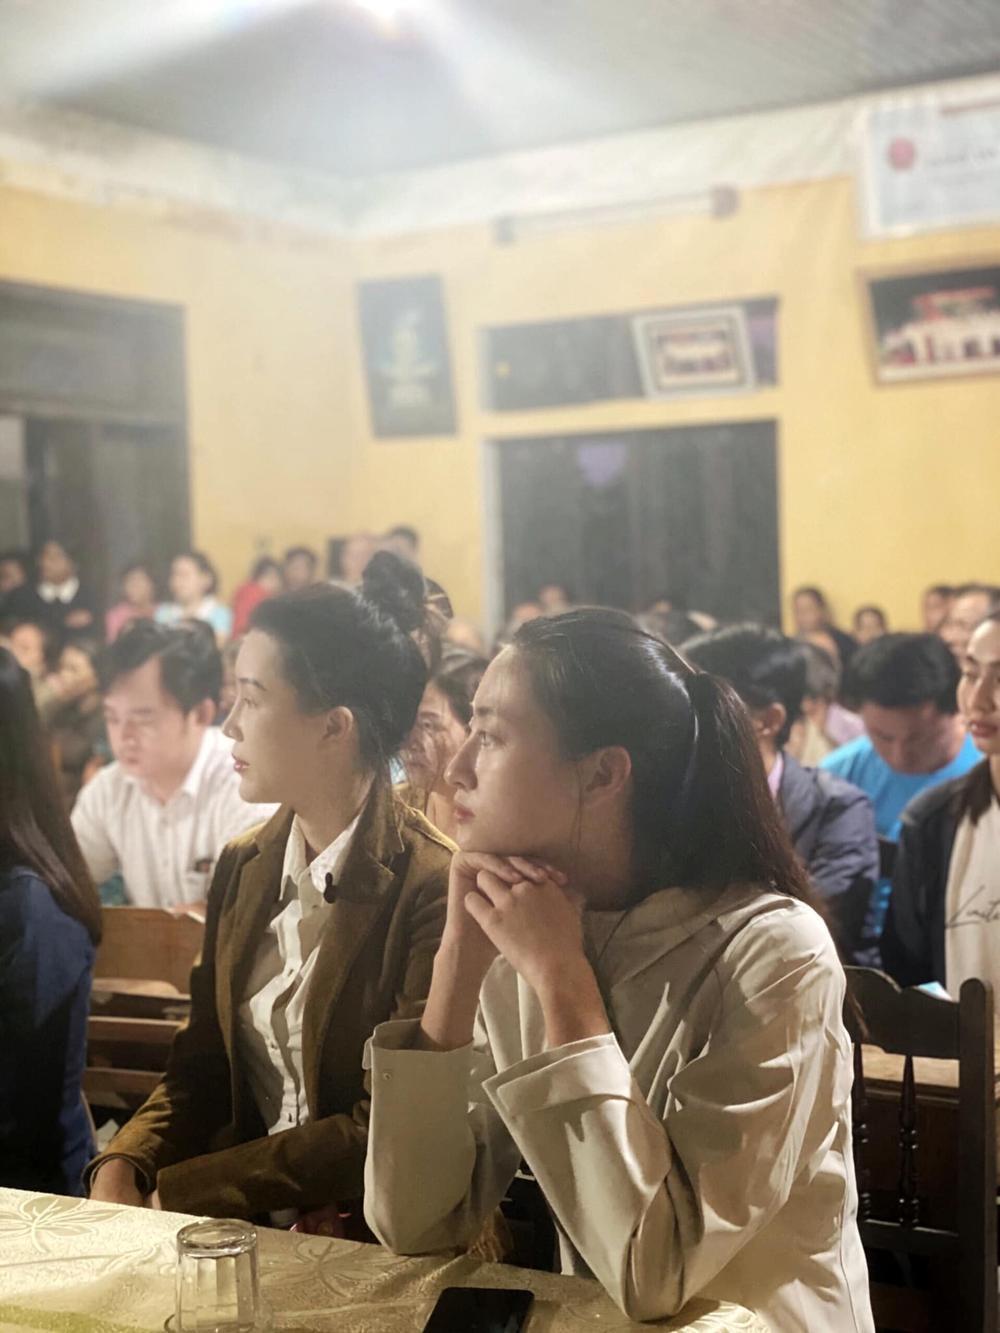 Hương Giang - Khánh Vân - Tiểu Vy - Lương Thùy Linh giúp đỡ đồng bào miền Trung vượt bão lũ Ảnh 5